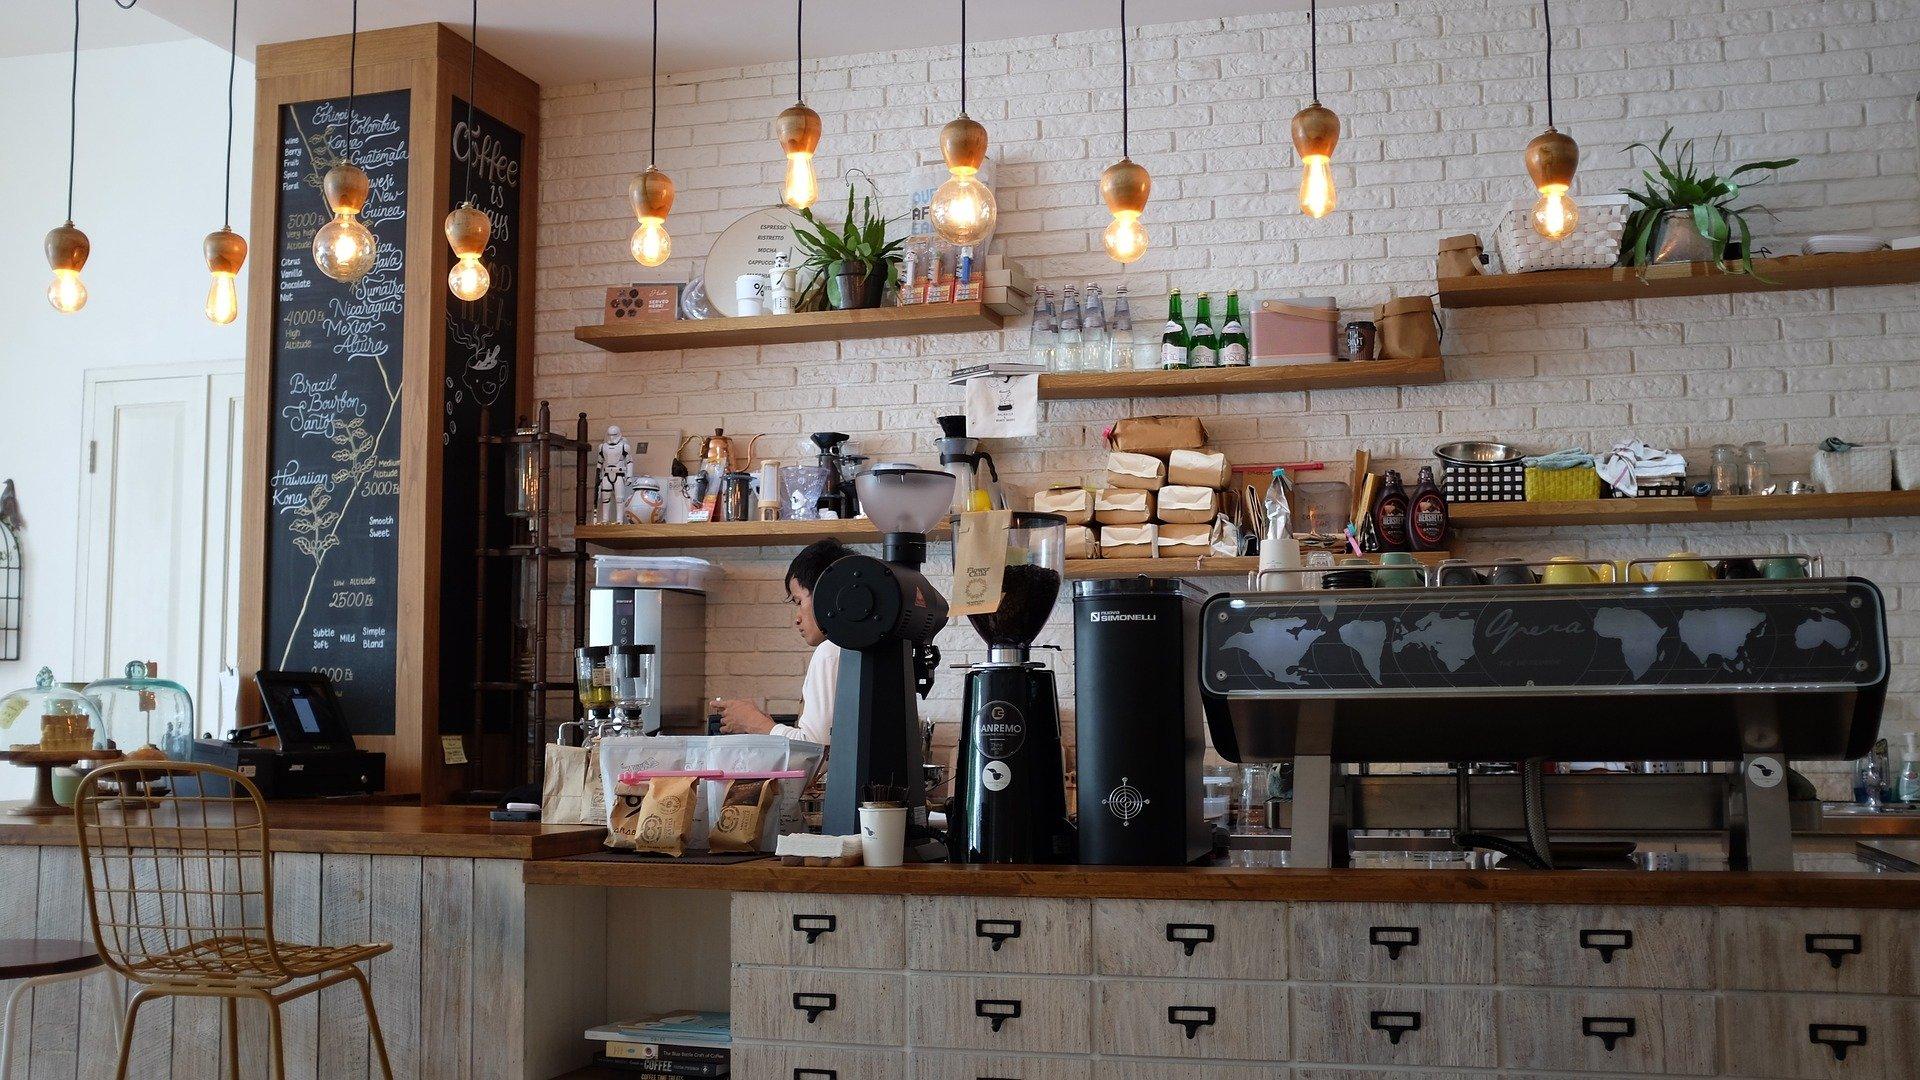 11 הגורמים שחייבים לשים אליהם לב להצלחת המסעדה או הבית קפה ( ייעוץ עסקי לבתי קפה )